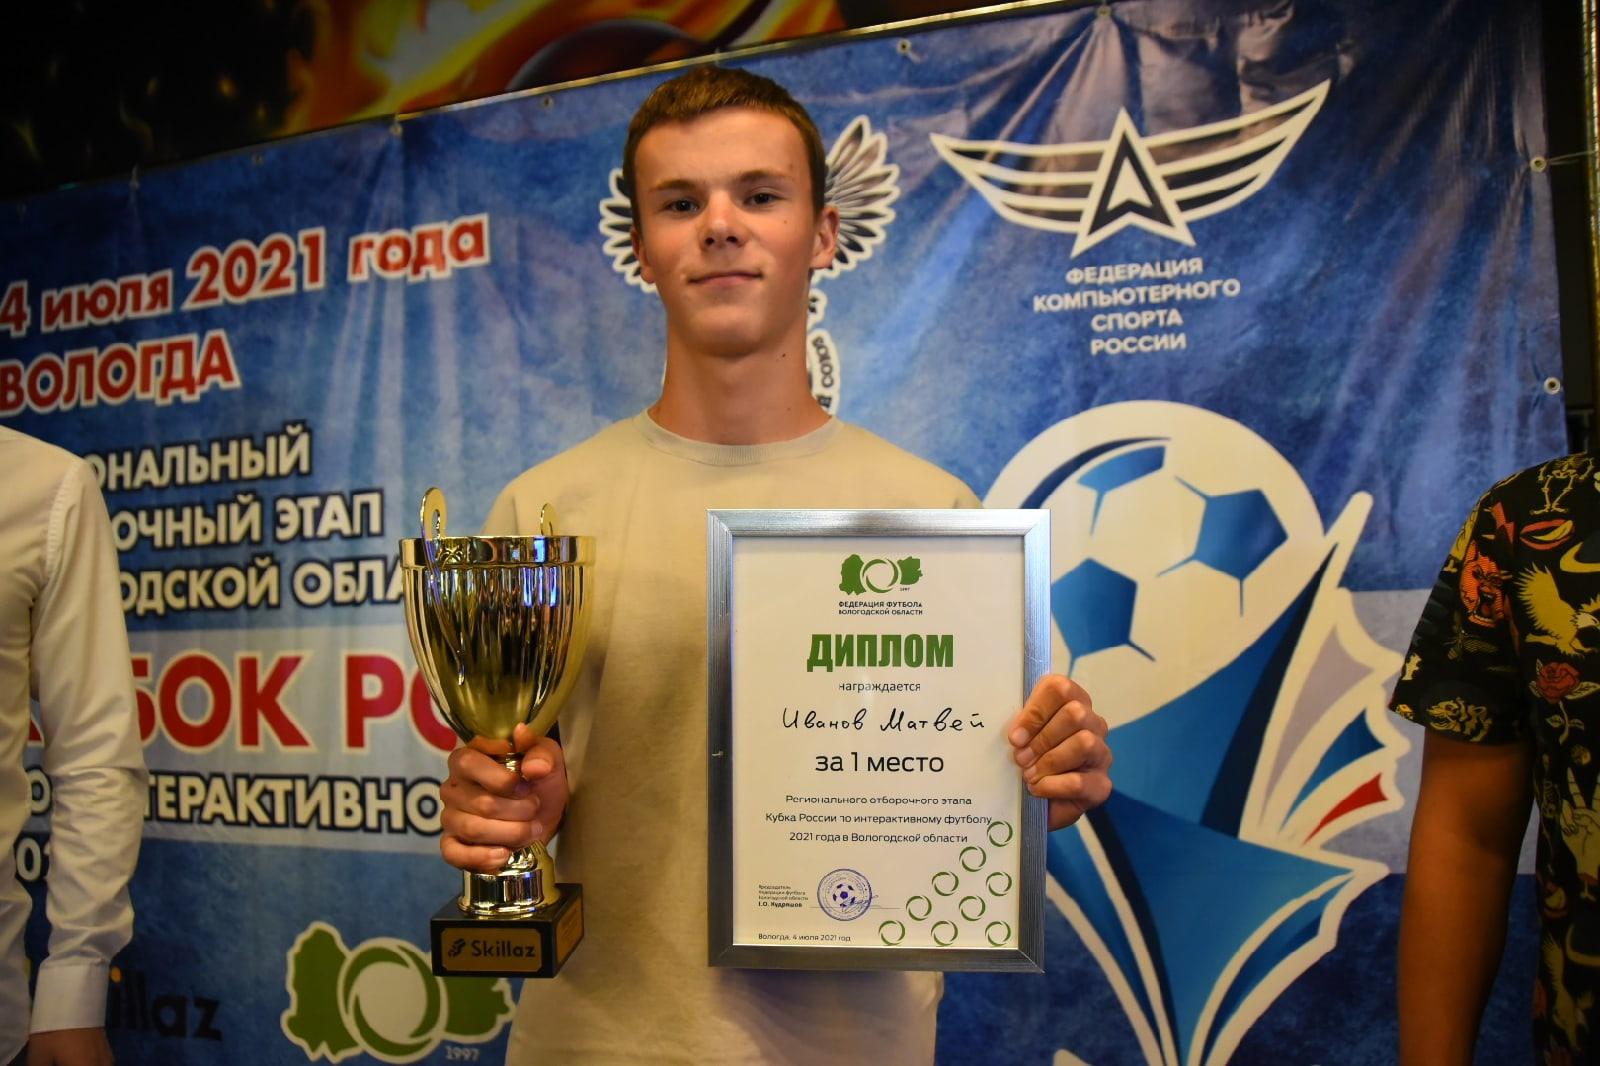 Фото победителя. Источник - vk.com/voff35